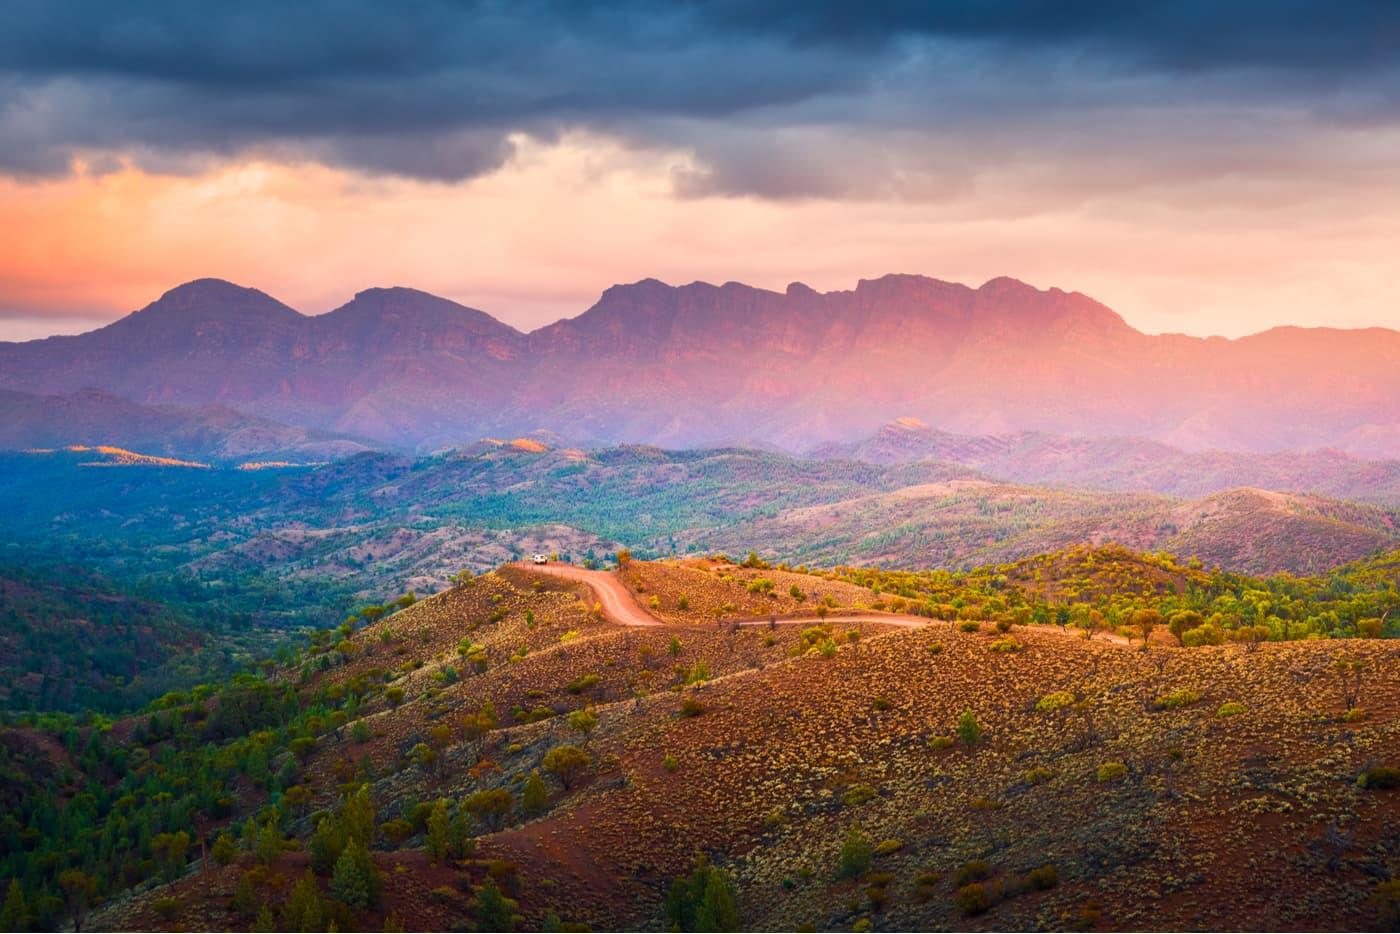 Flinders Ranges landscape in South Australia